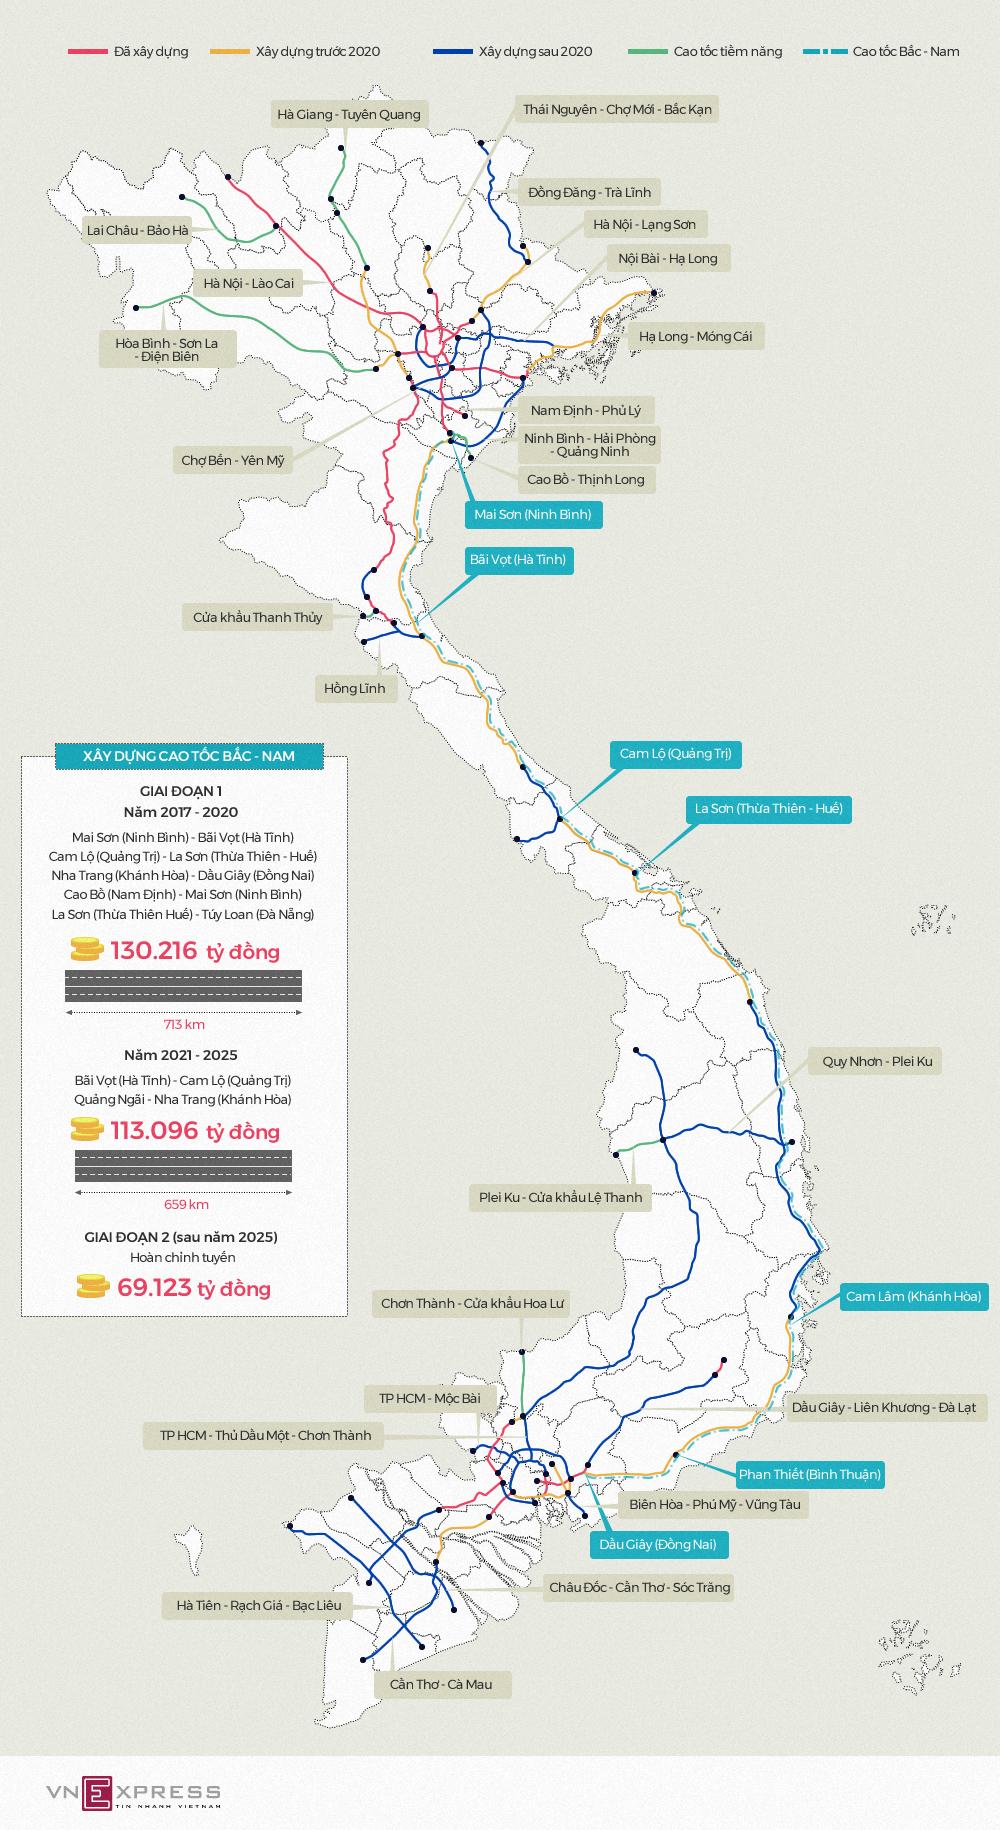 Những tuyến cao tốc sắp xây dựng tại Việt Nam 1